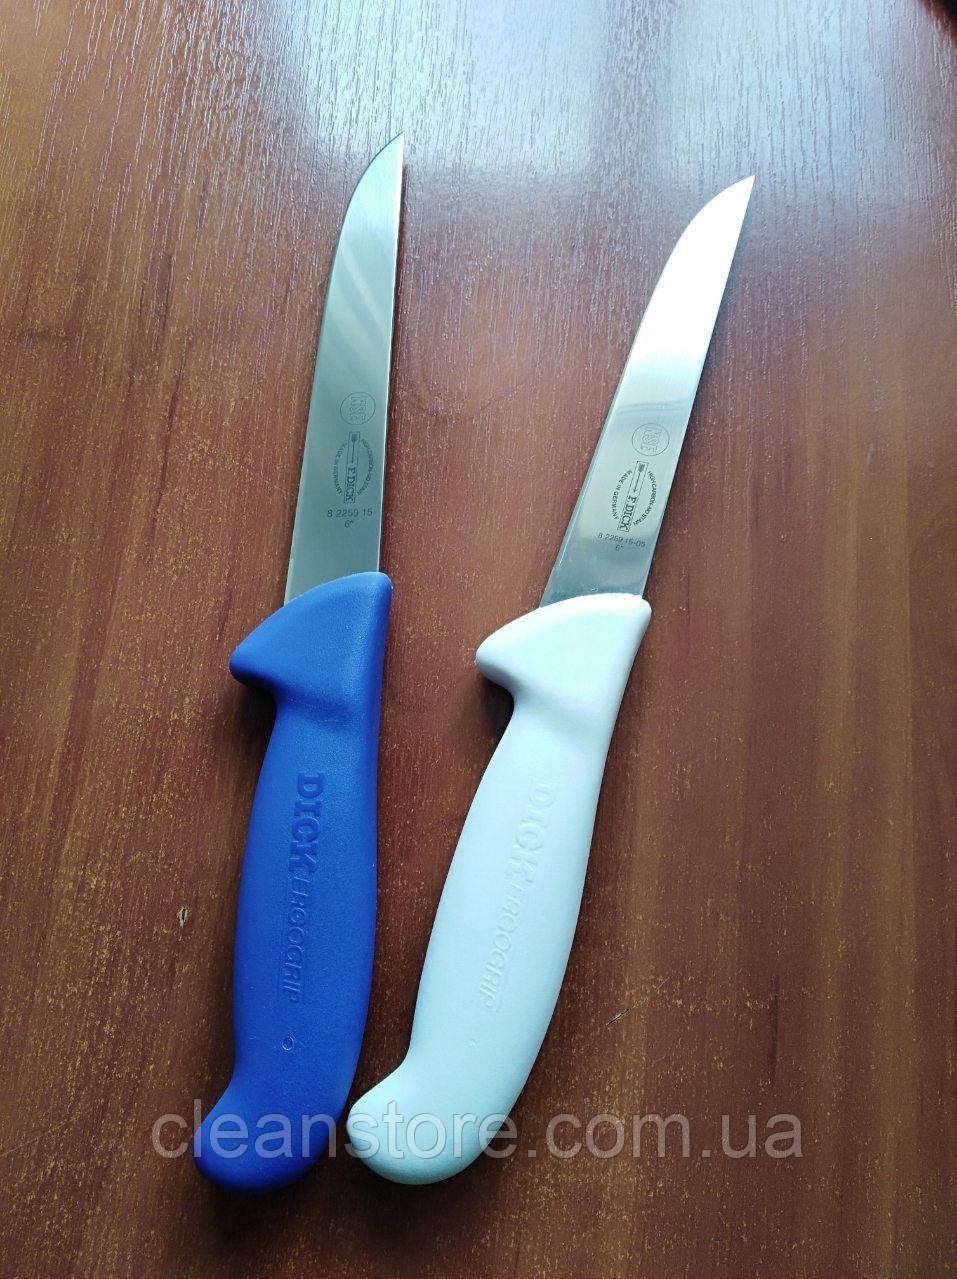 Обвалочный нож F.Dick 2259 - 18 мм, жесткое лезвие